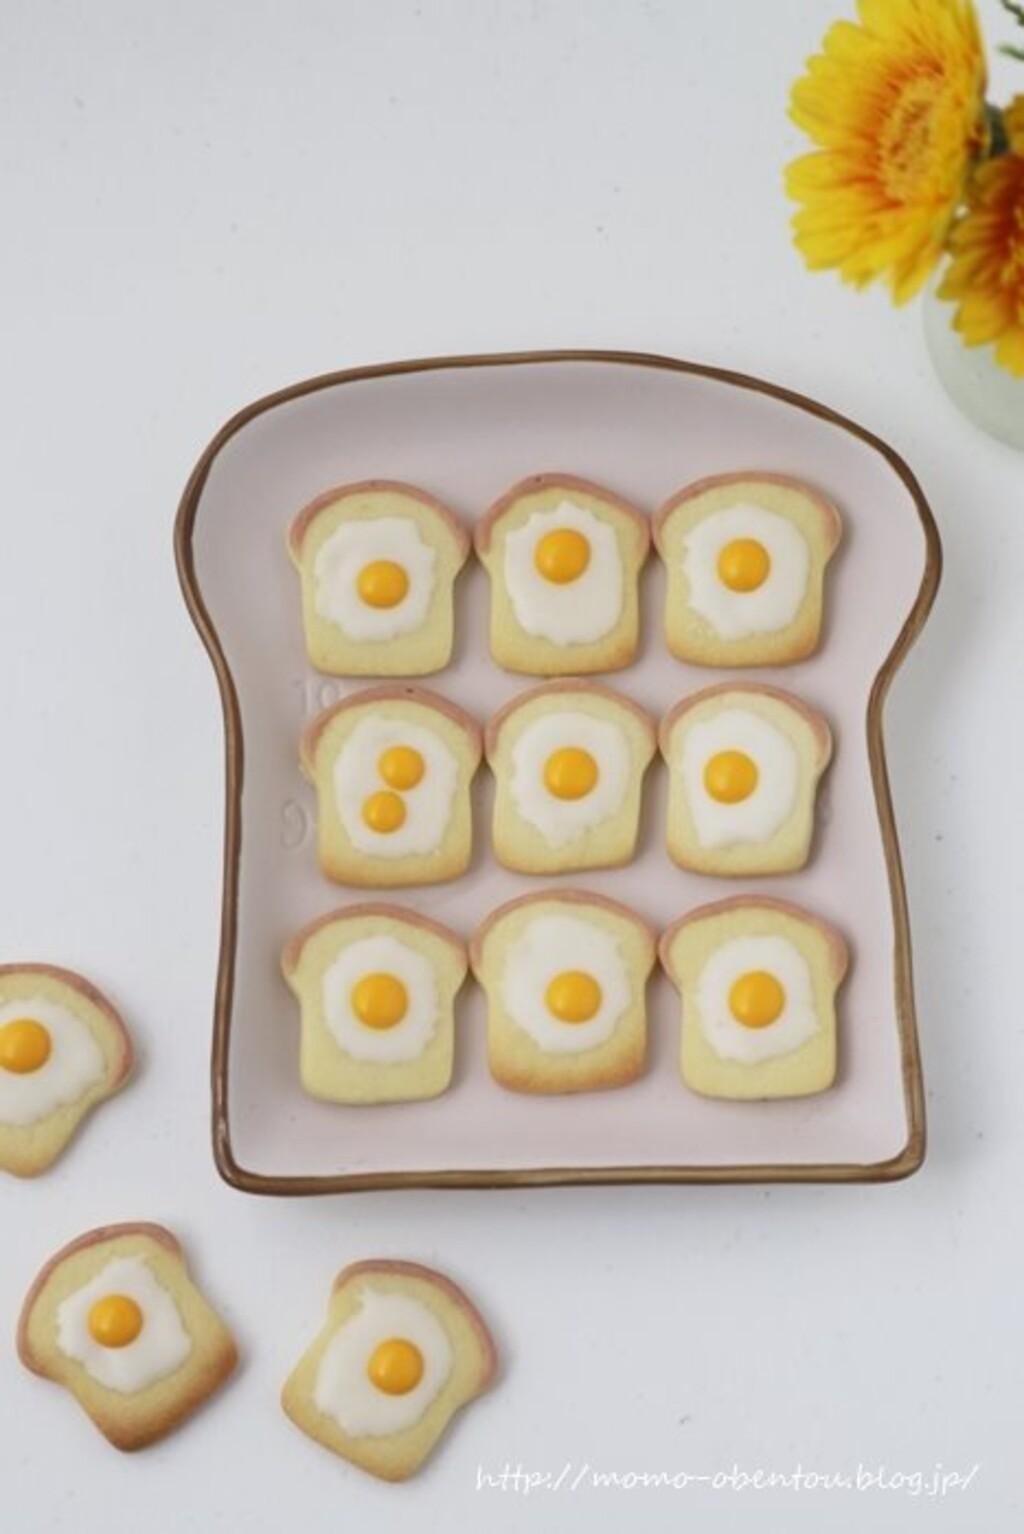 ダイソー クッキー 型 ダイソー『クッキーの型』は種類豊富!ハート型など手作りお菓子もご...